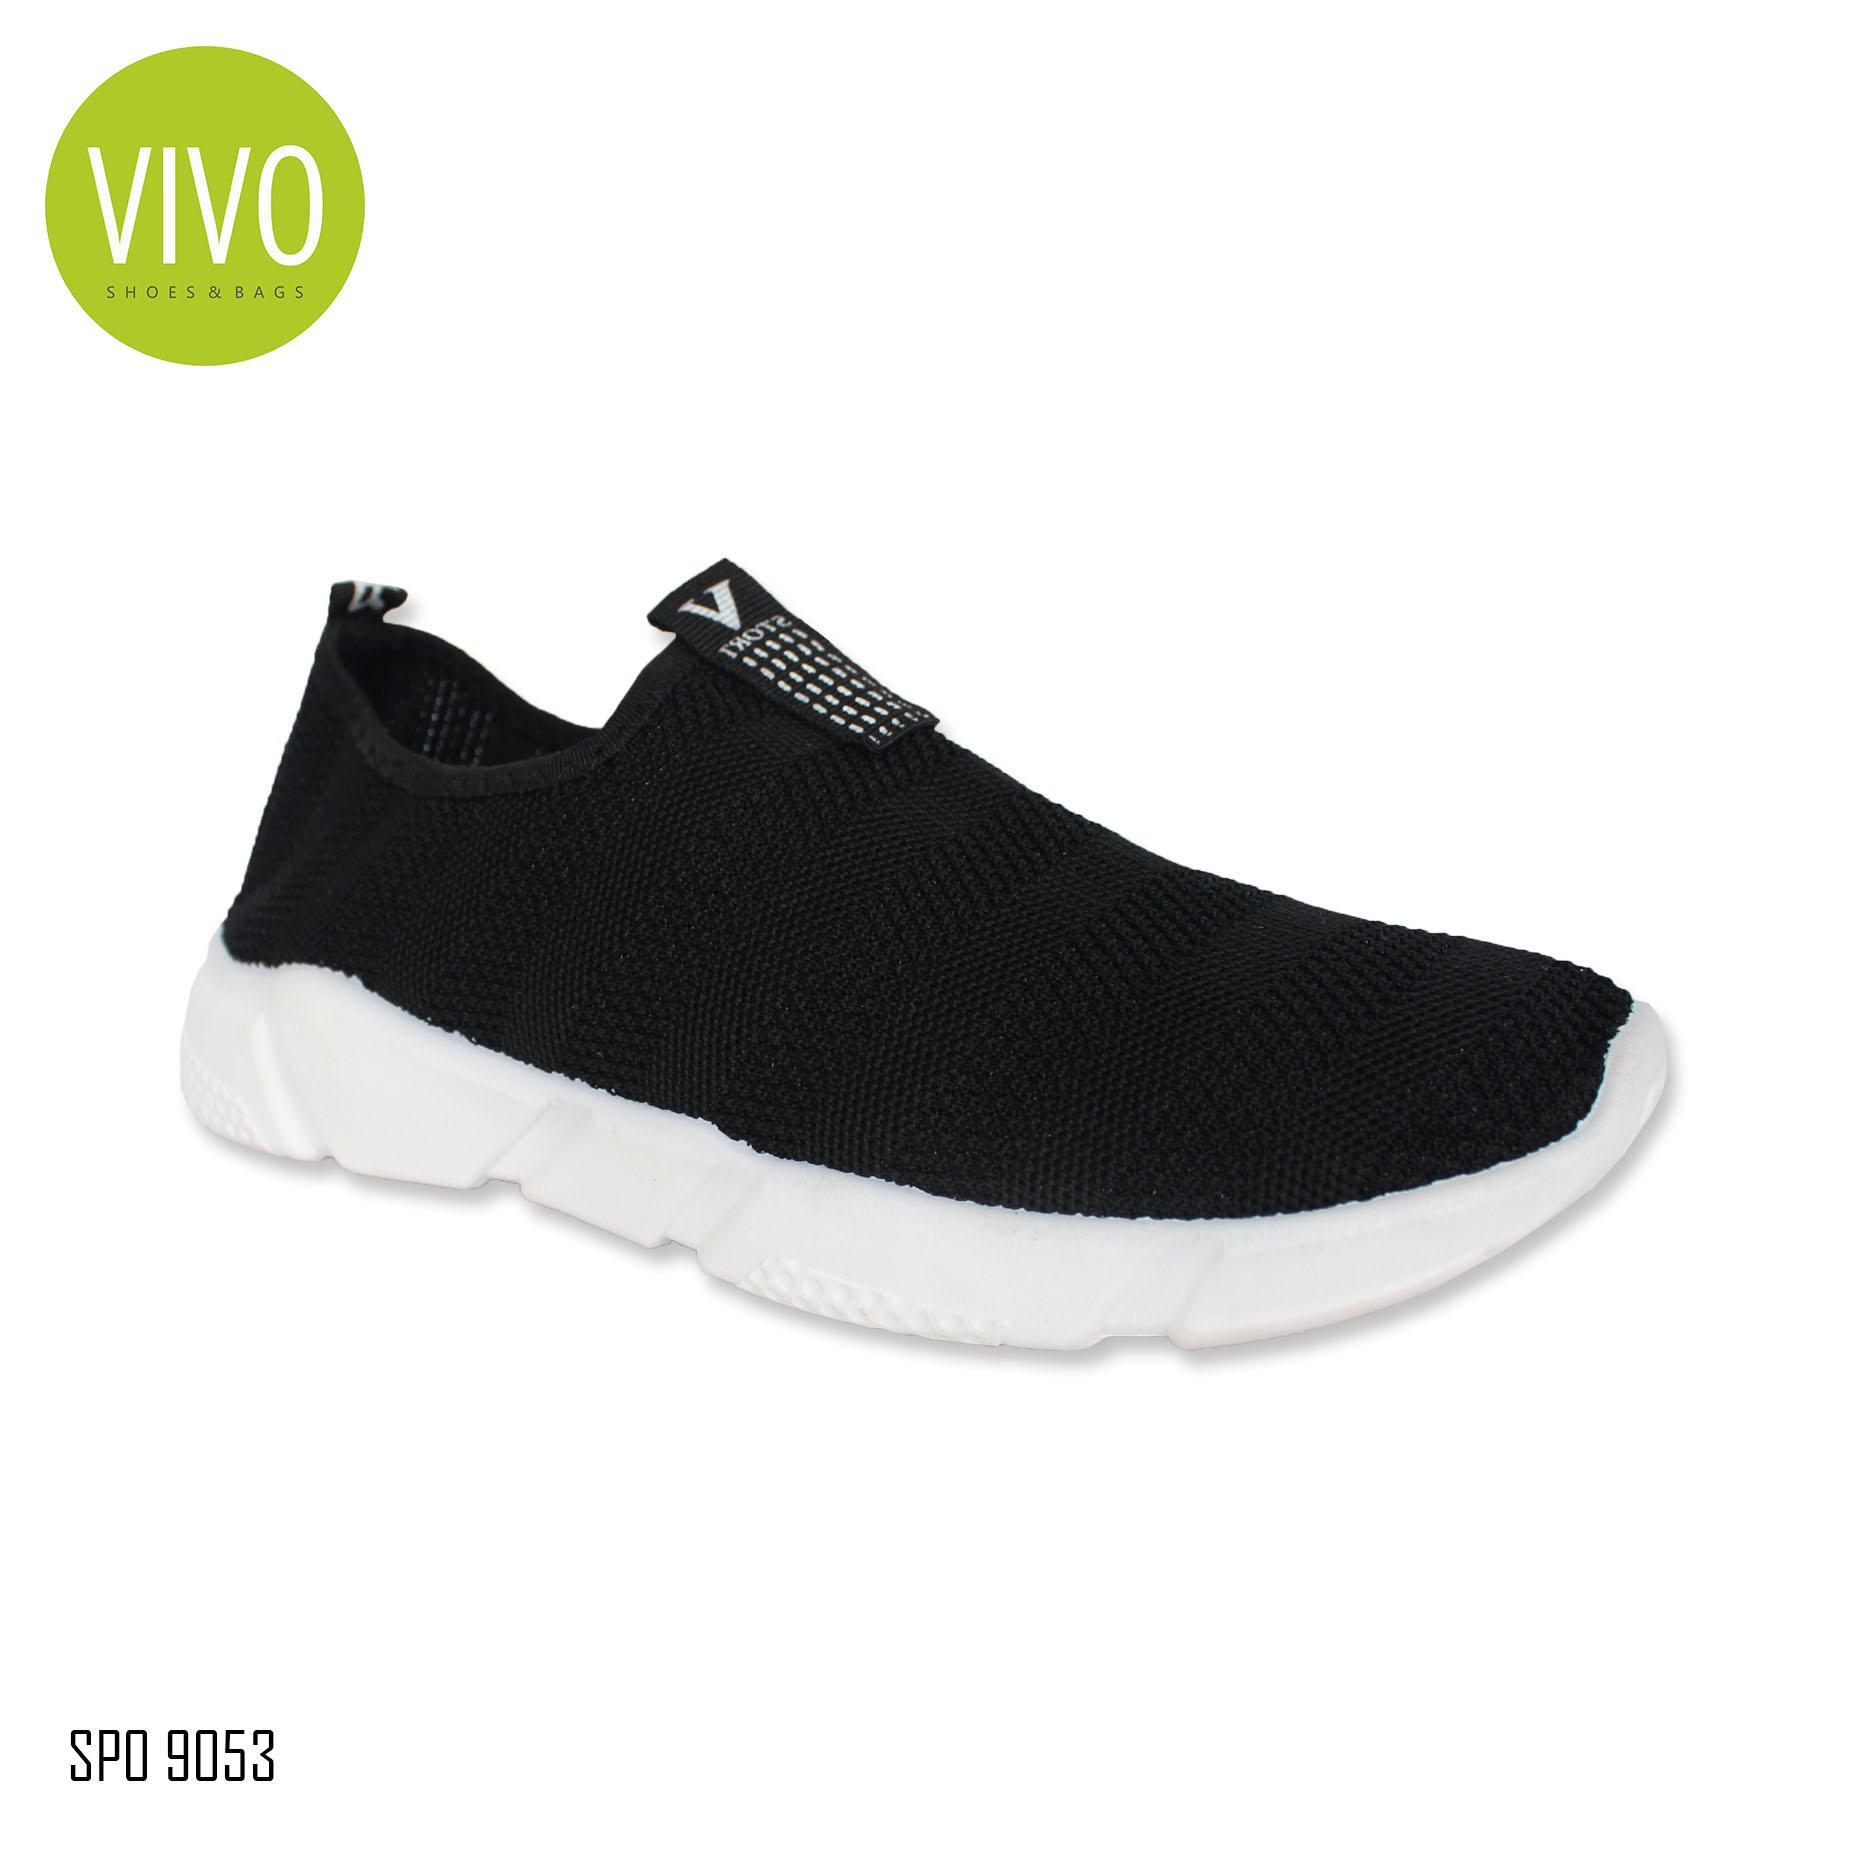 Vivo Fashion Sepatu Casual Pria/Sepatu Slip On Pria/Sepatu Sneakers Pria SP09053 -